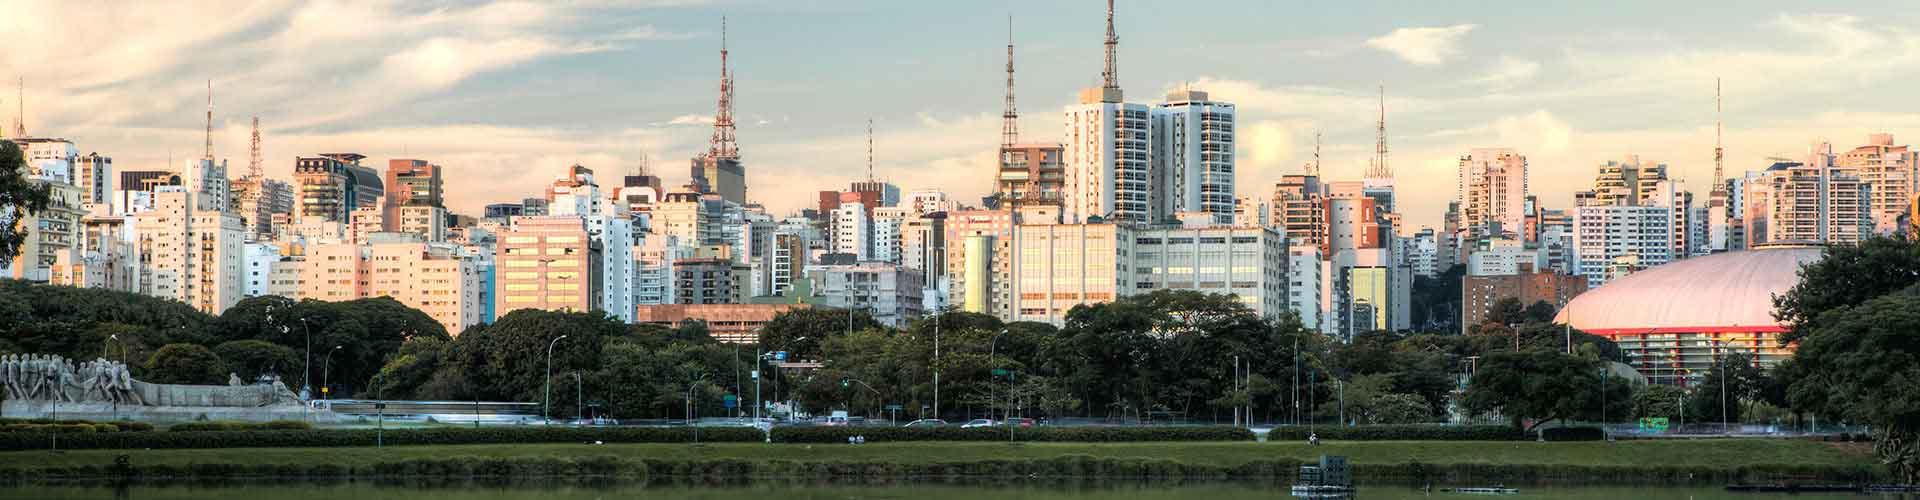 サンパウロ – コンゴーニャス·サンパウロ空港の近くにあるホステル. 地図 サンパウロ, すべてのホステルの写真とレビュー サンパウロ.